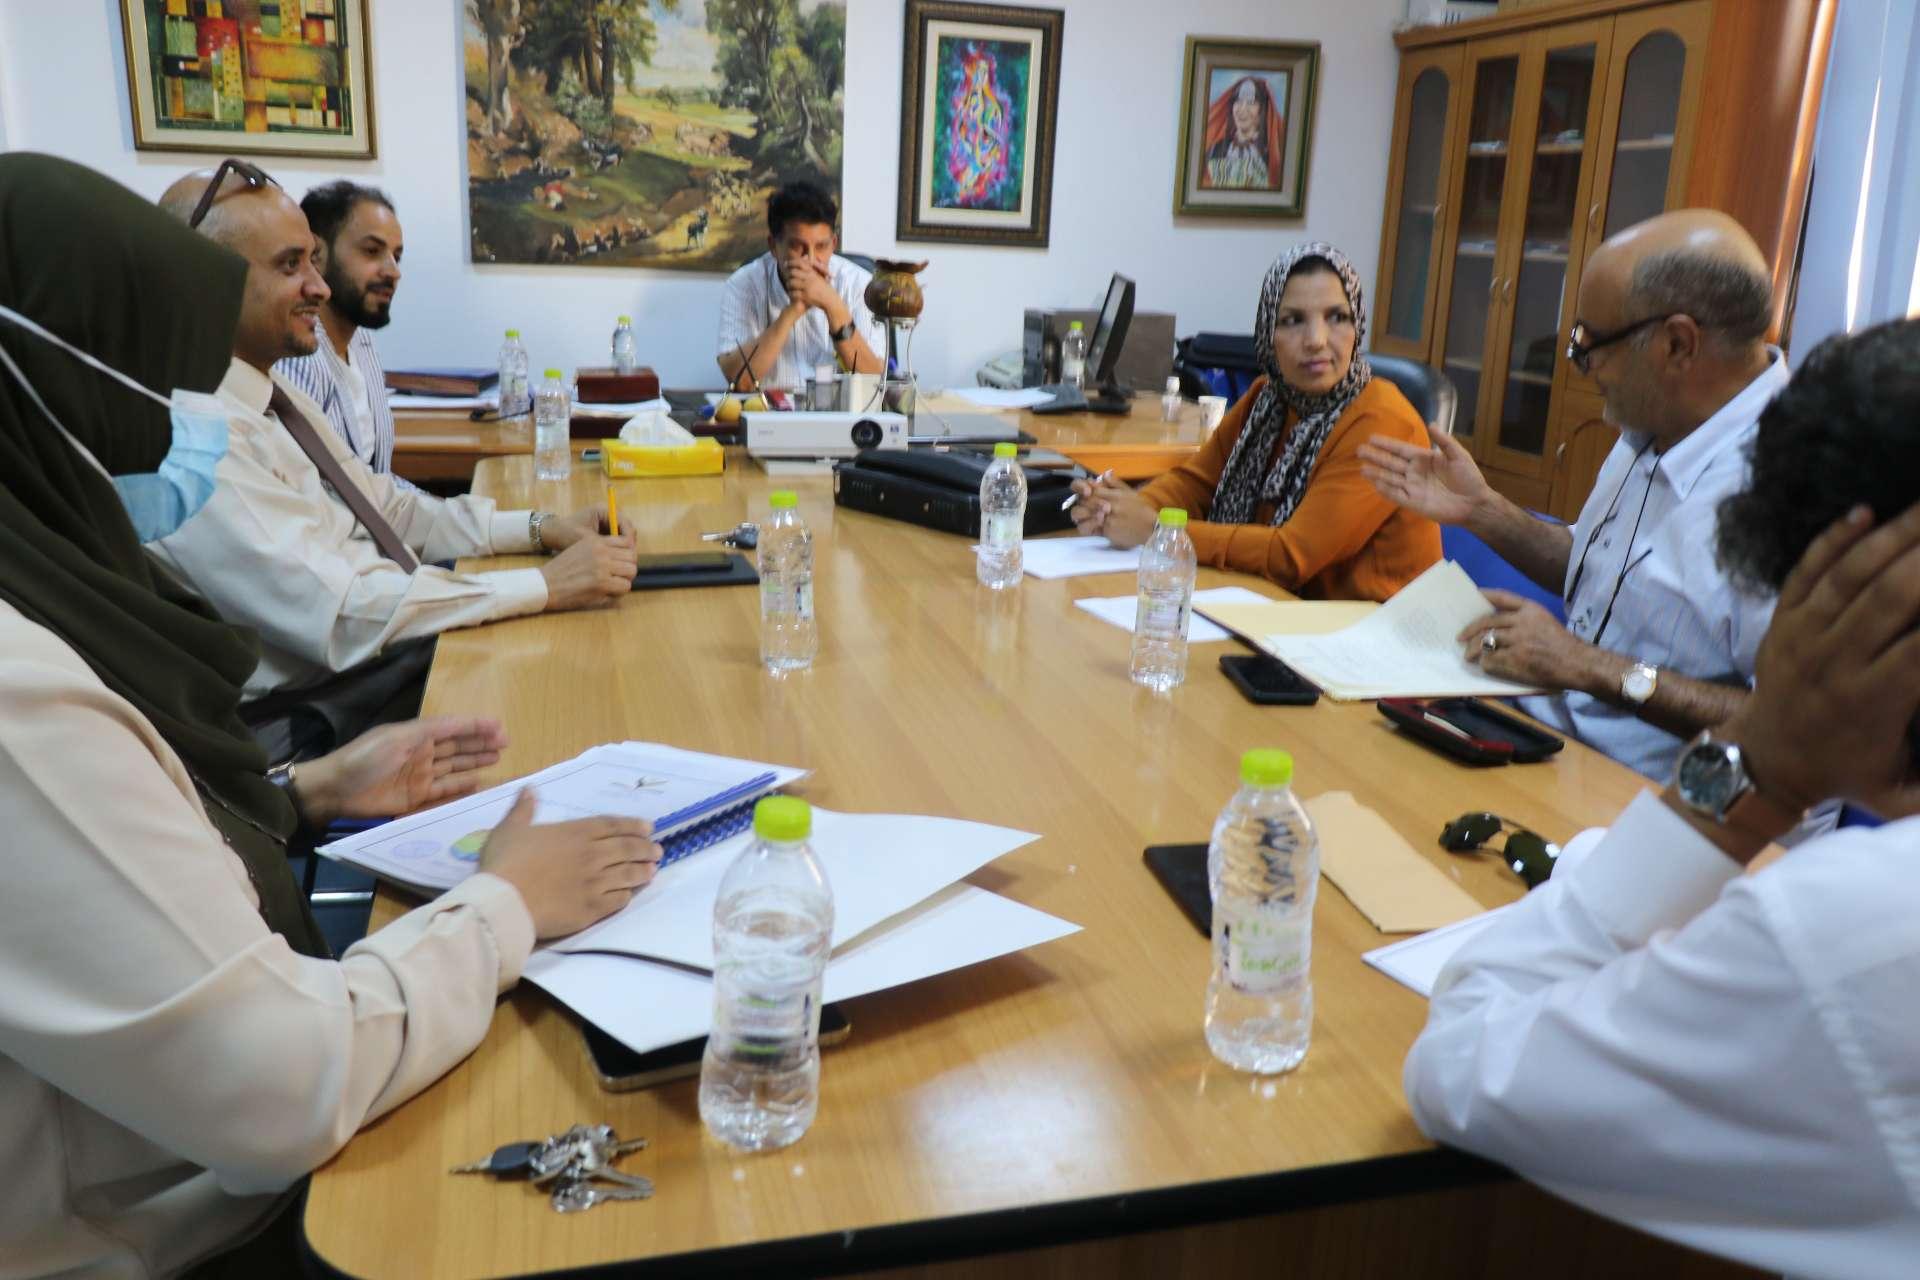 الاجتماع التشاوري لدراسة البرامج التدريبية بين الاكاديمية الليبية للدراسات العليا والمركز الدبلوماسي للدراسات الاستراتيجية و التنمية المستدامة.